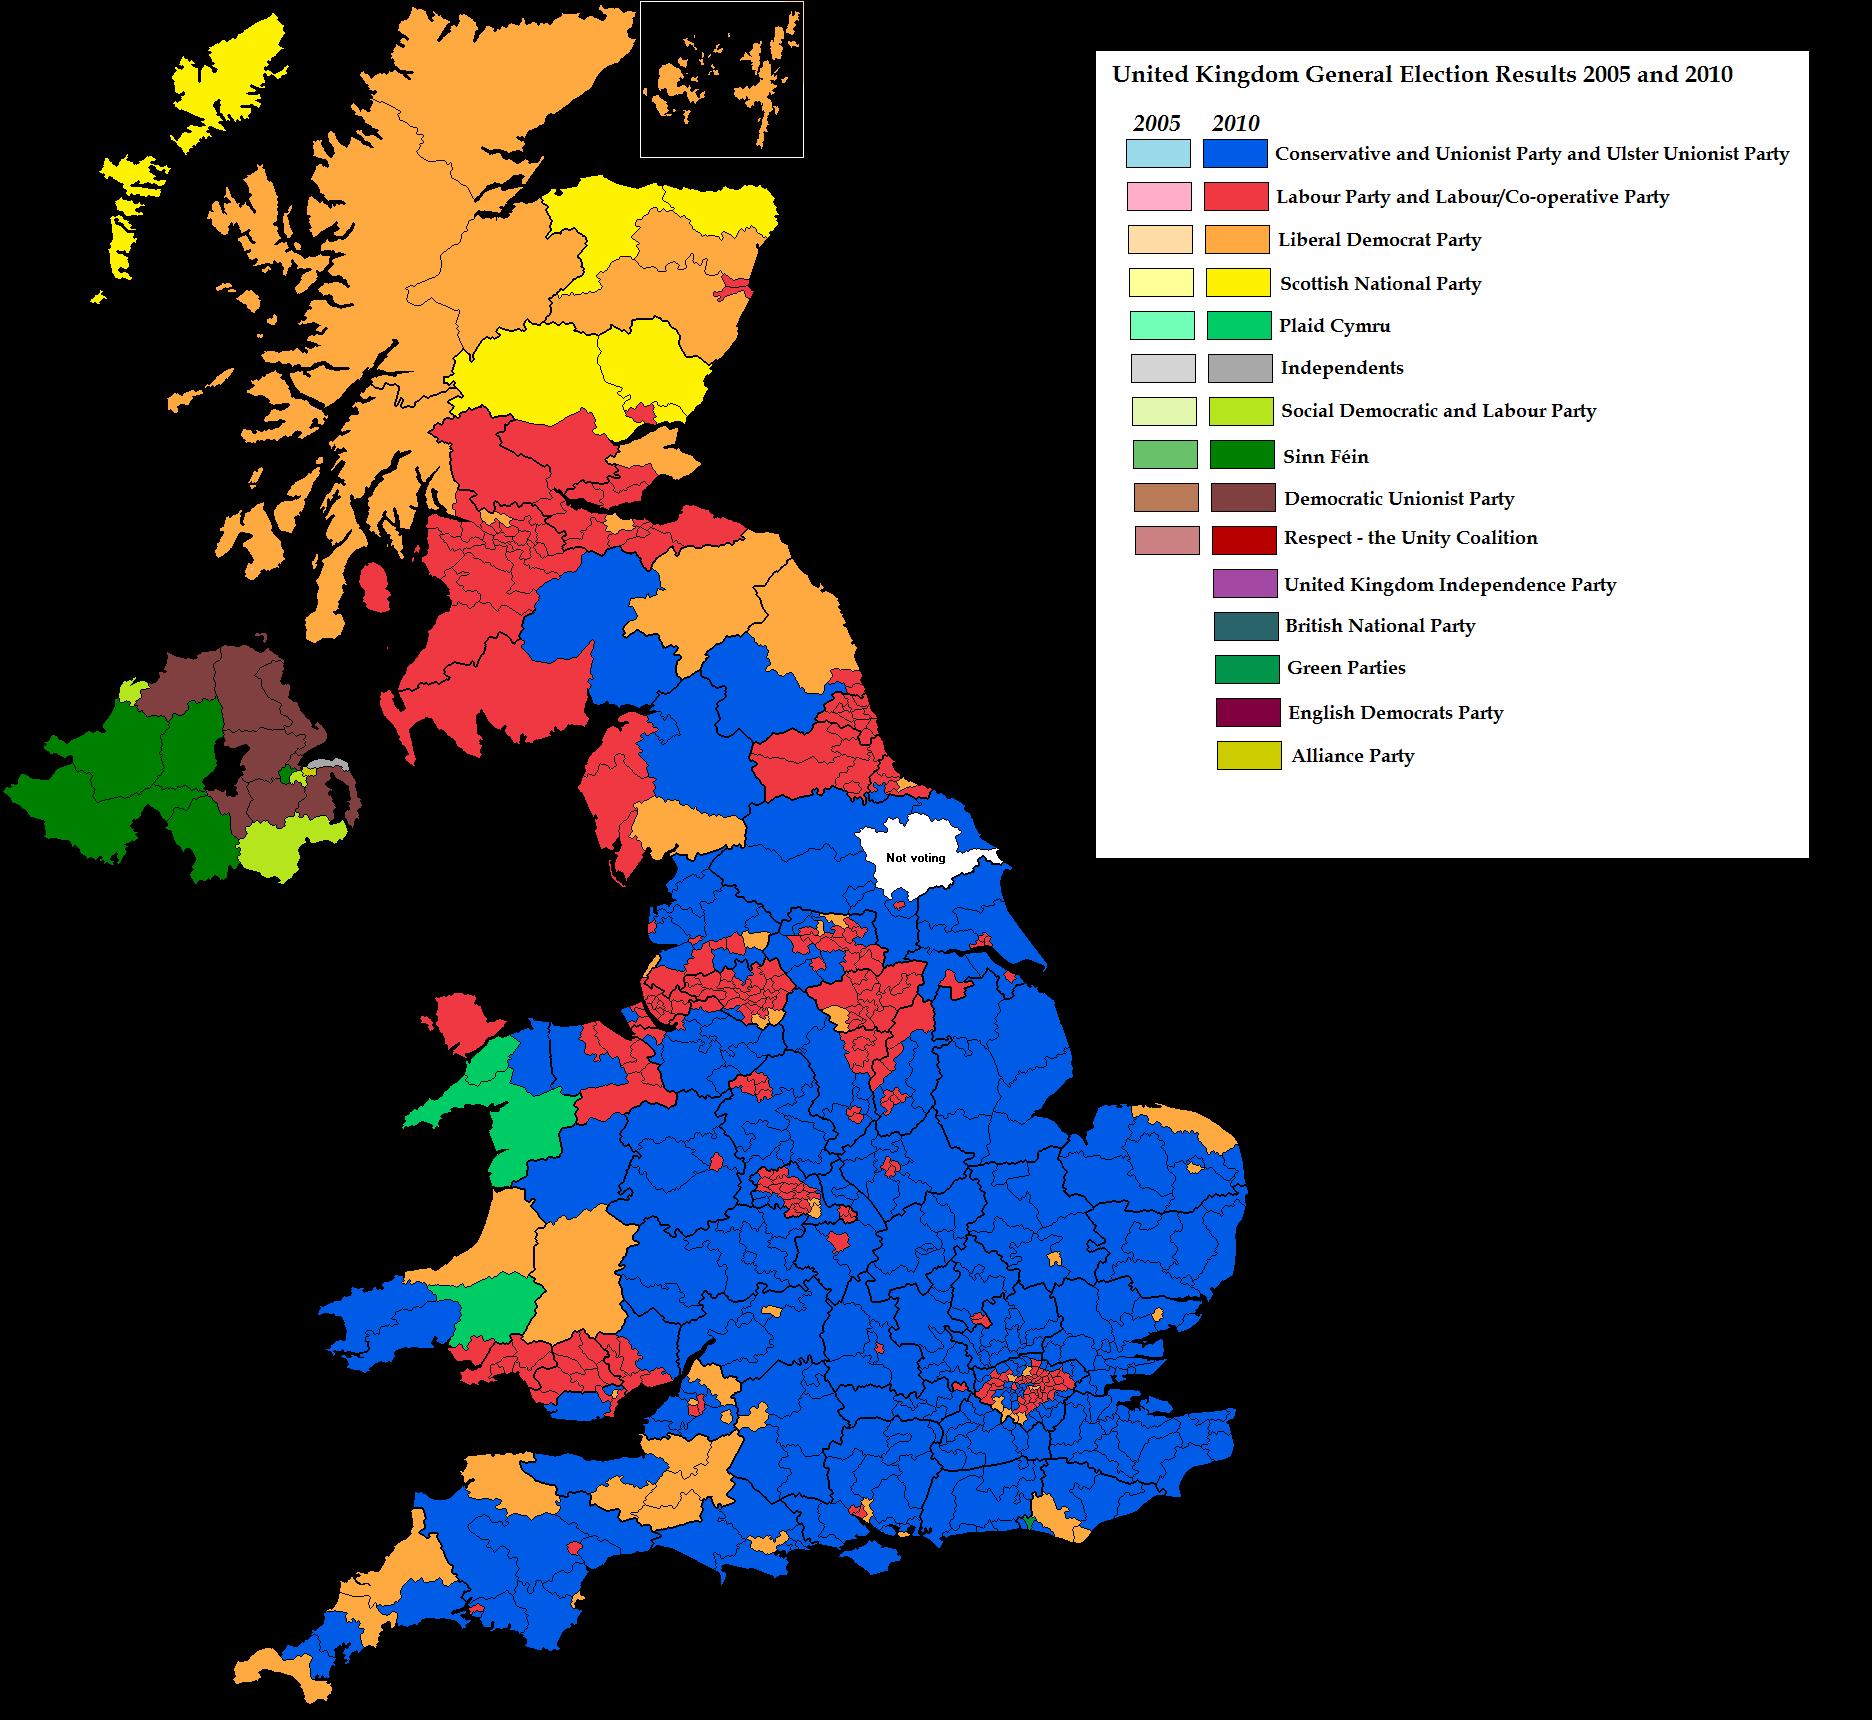 Map Of Uk General Election Results.Uk Election Result Map 2010 By Blamedthande On Deviantart